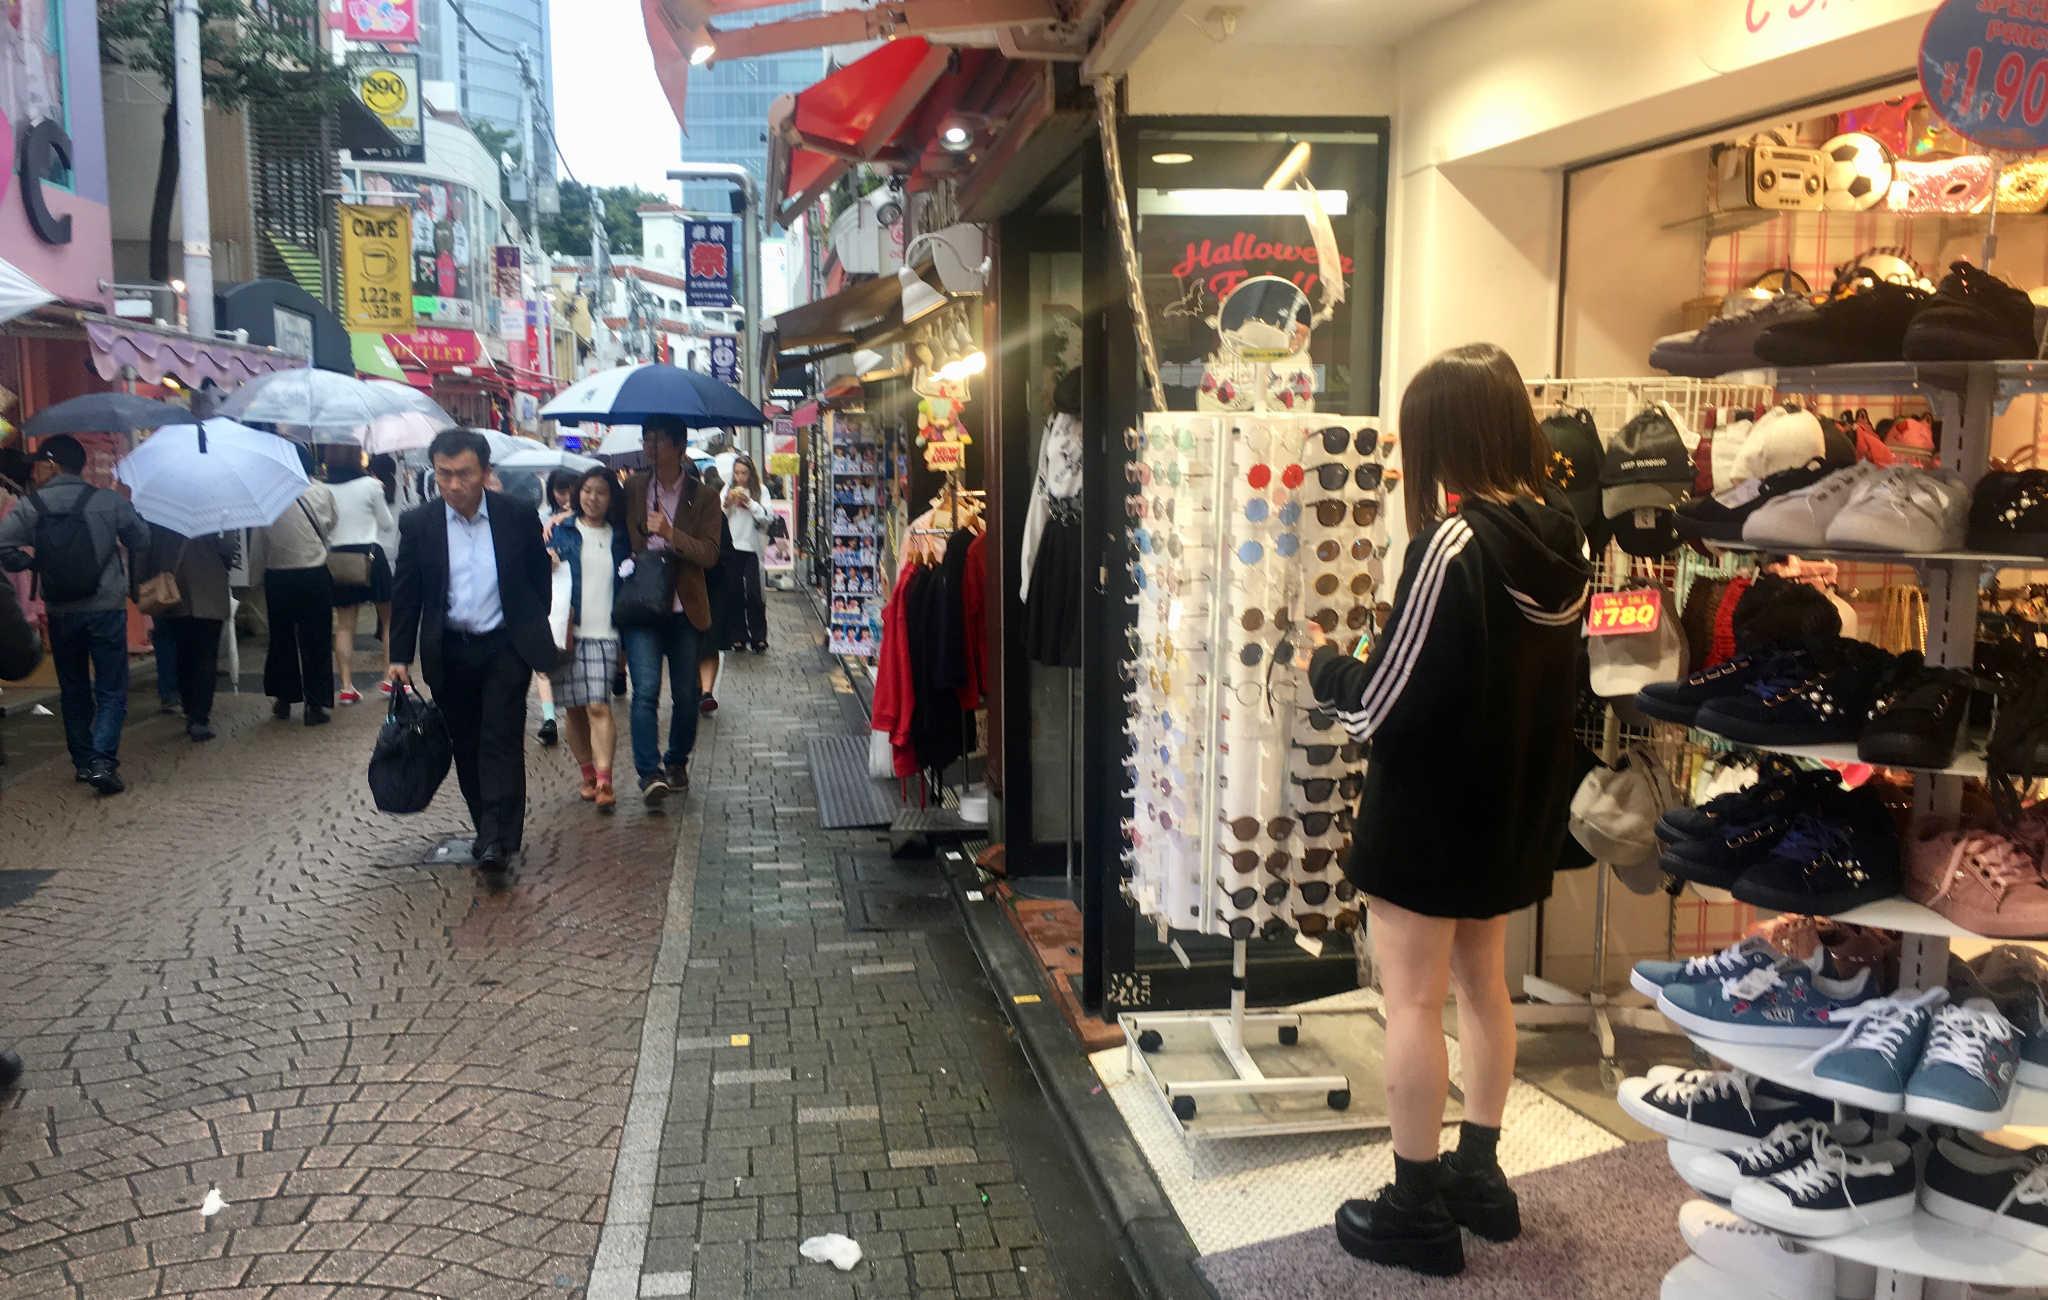 On y trouve de nombreuses boutiques de vêtements, chaussures et accessoires